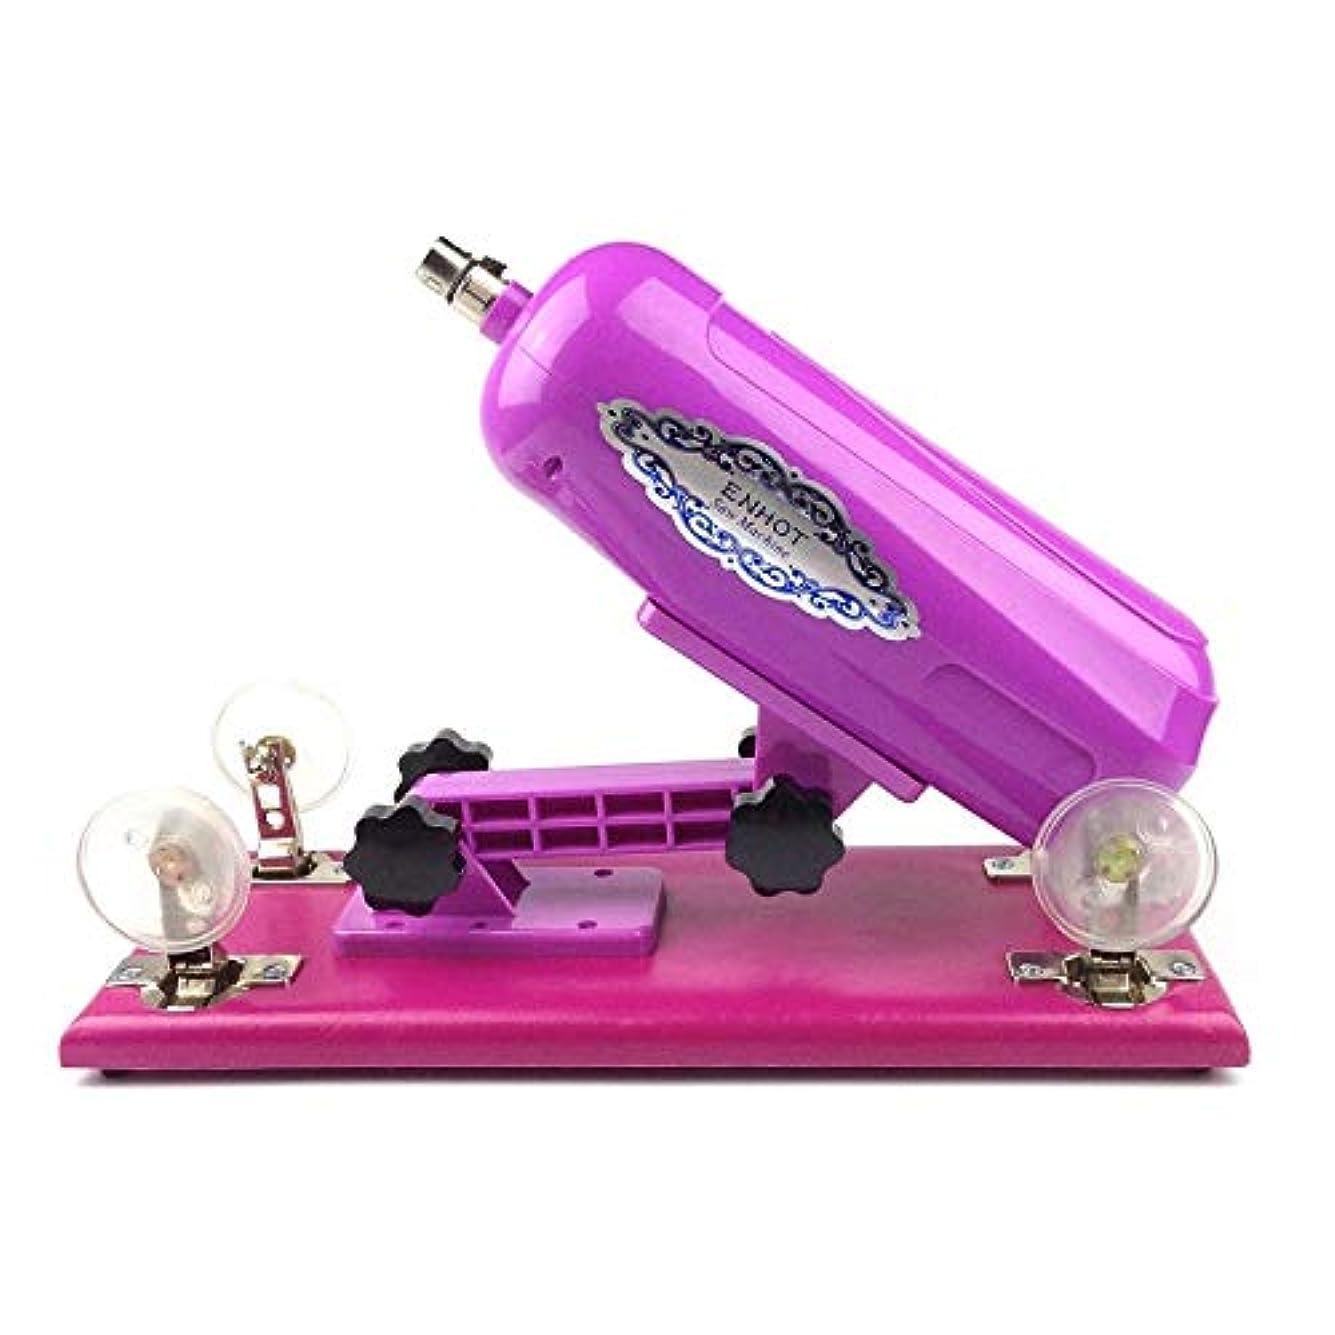 ボーナス誠実祖母Zytyue カップルGB 3マッサージャーのための豪華な強力な格納式マシンマルチアングル調整可能な機関銃 Friction attrition